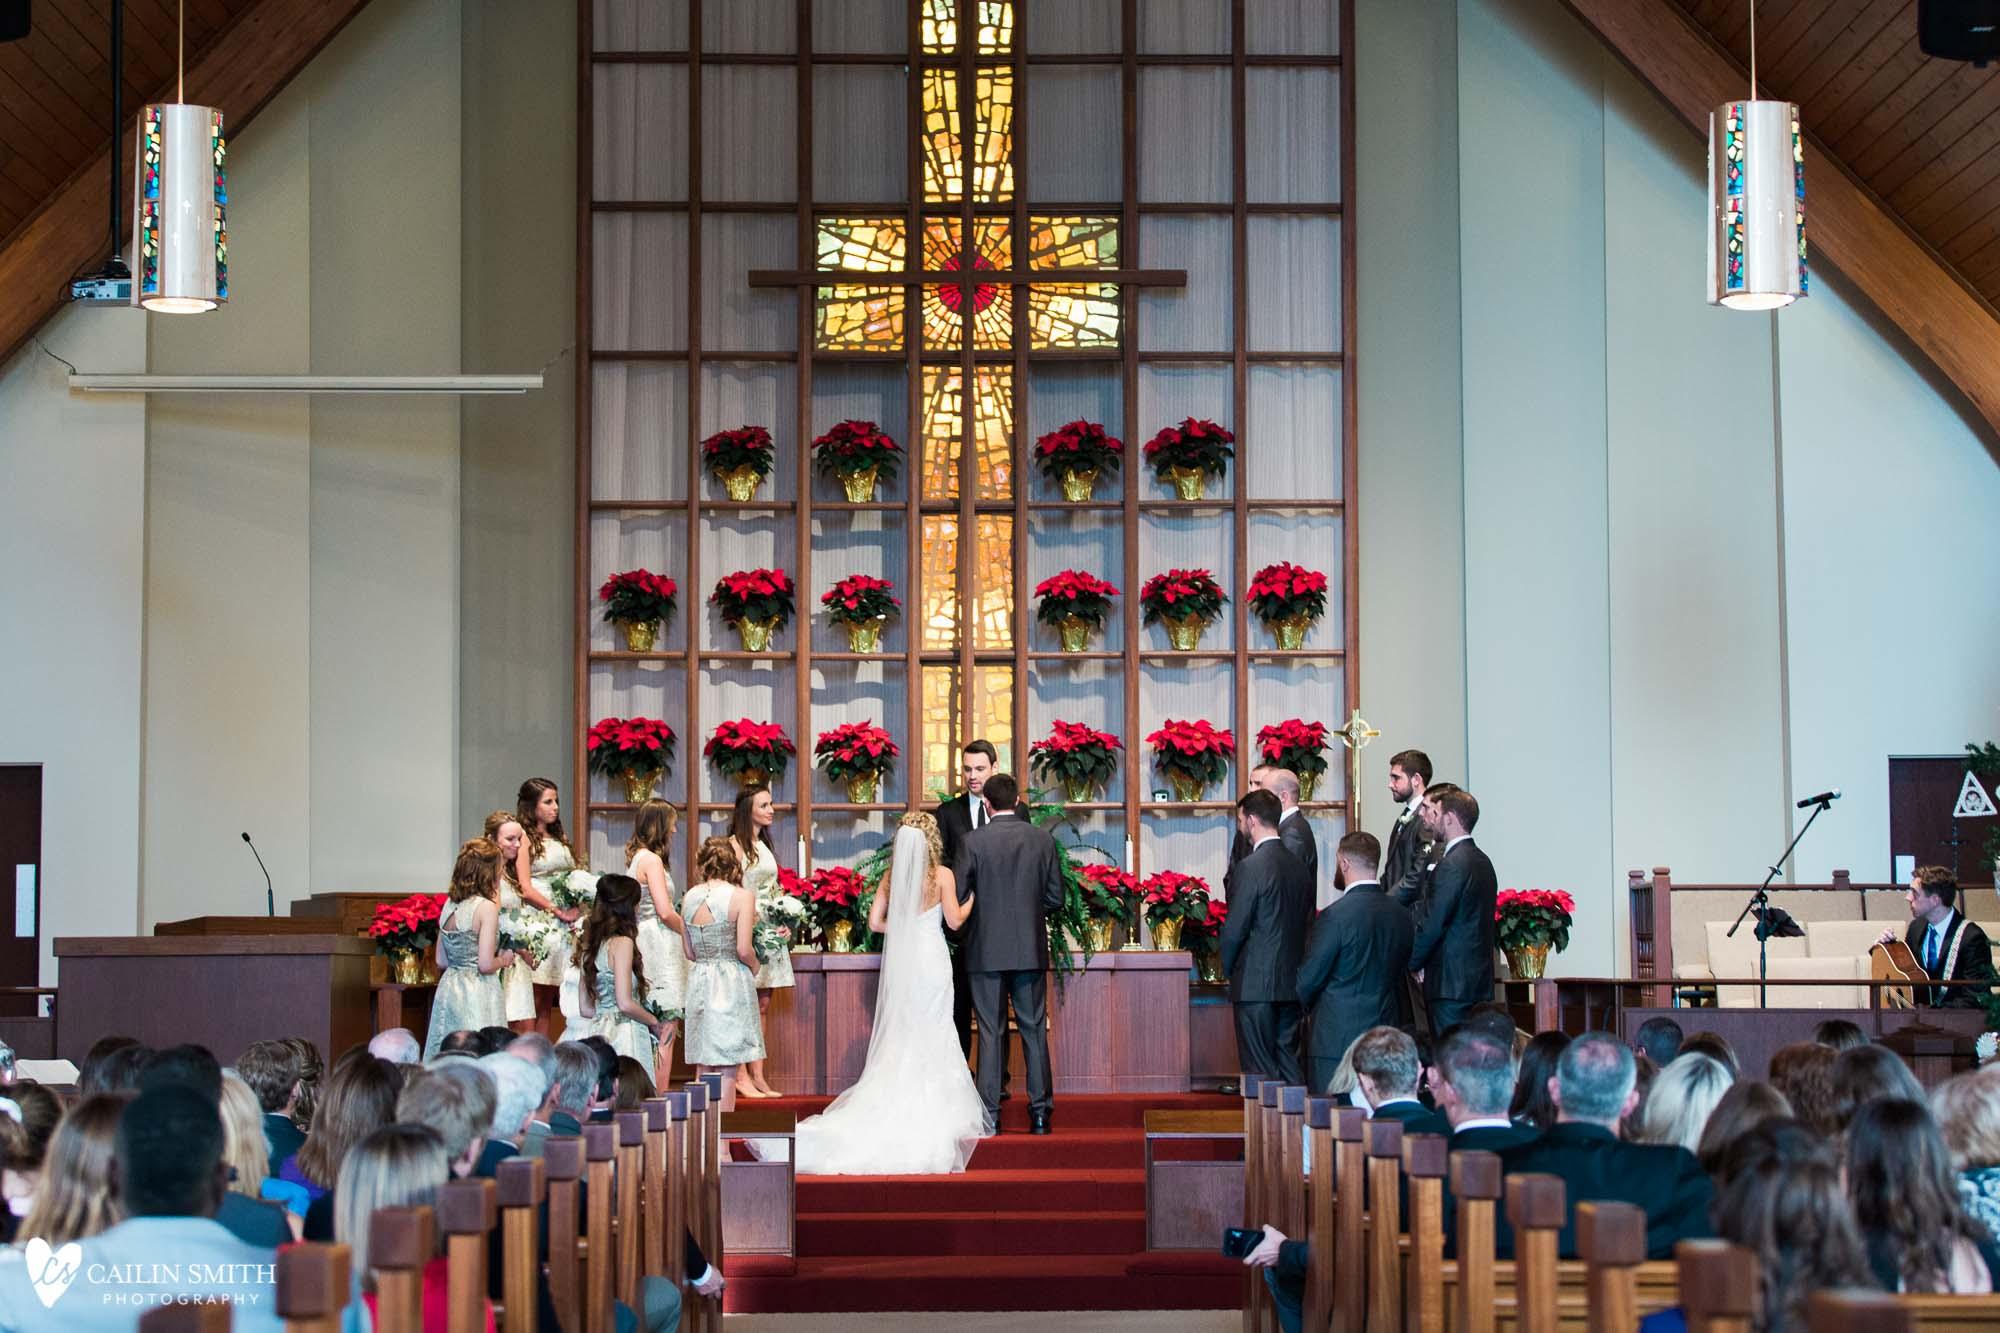 Leah_Major_St_Marys_Wedding_Photography_074.jpg